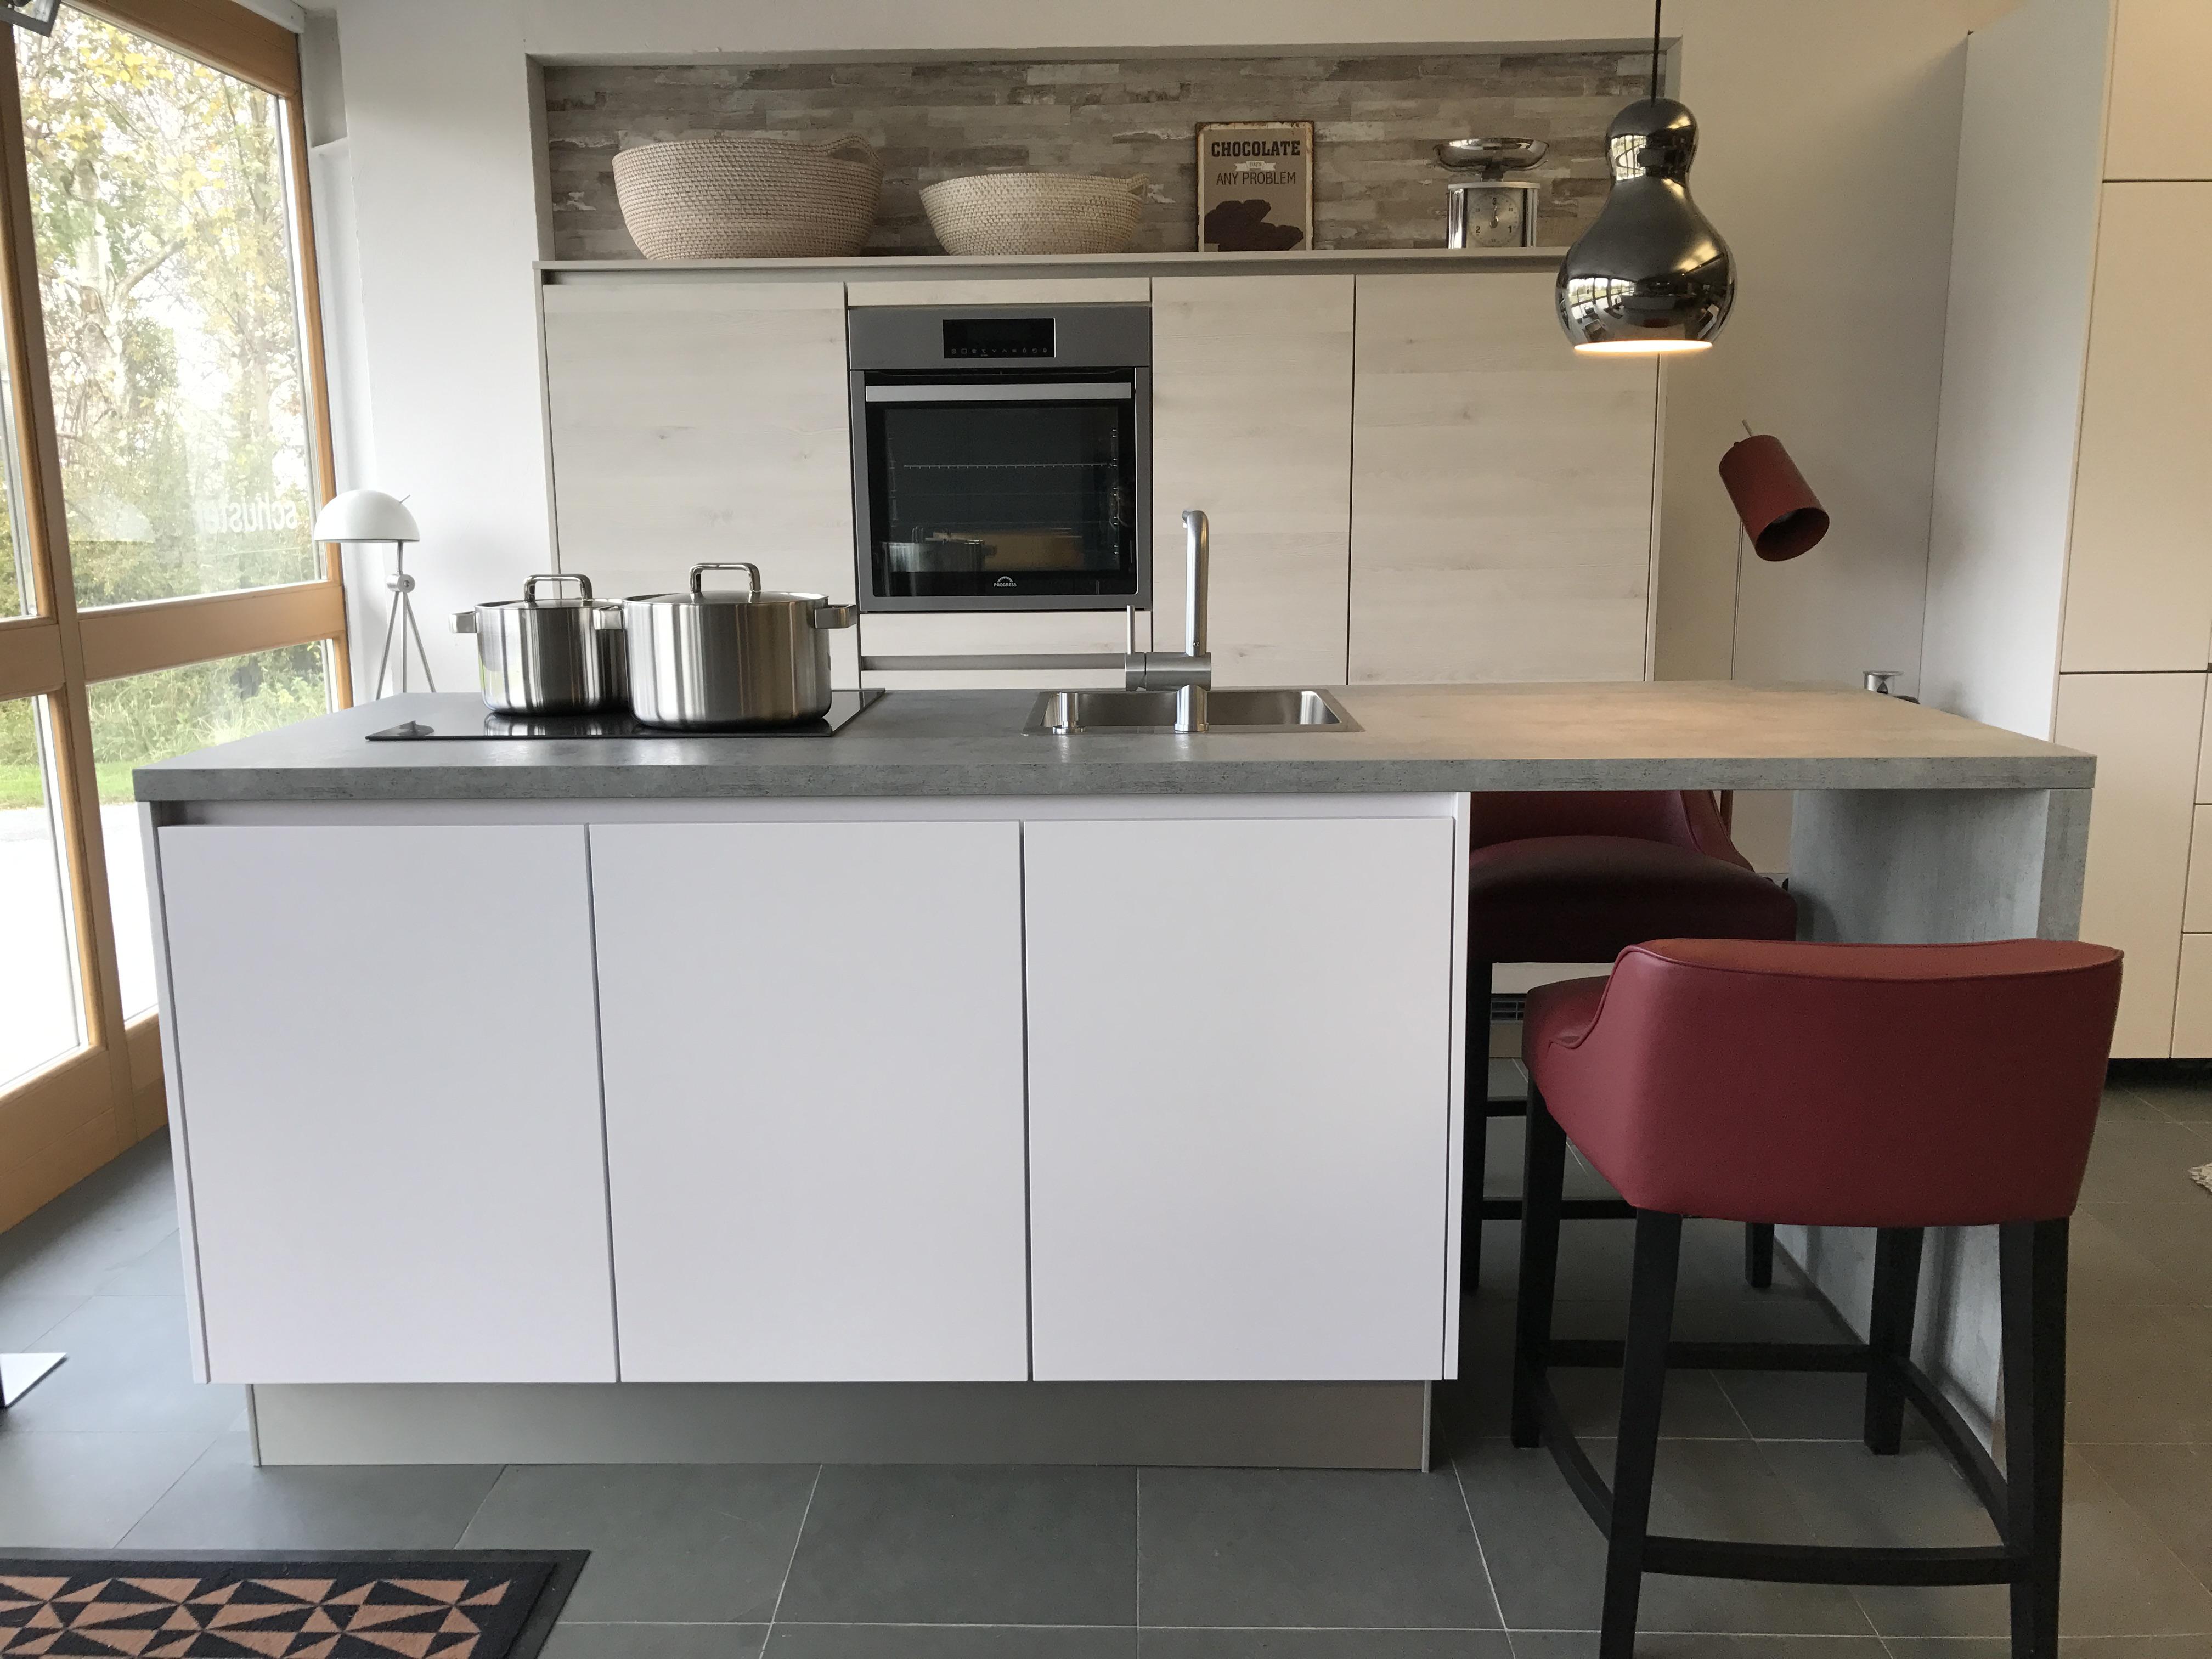 angebote schuster k chen schuster k chen. Black Bedroom Furniture Sets. Home Design Ideas